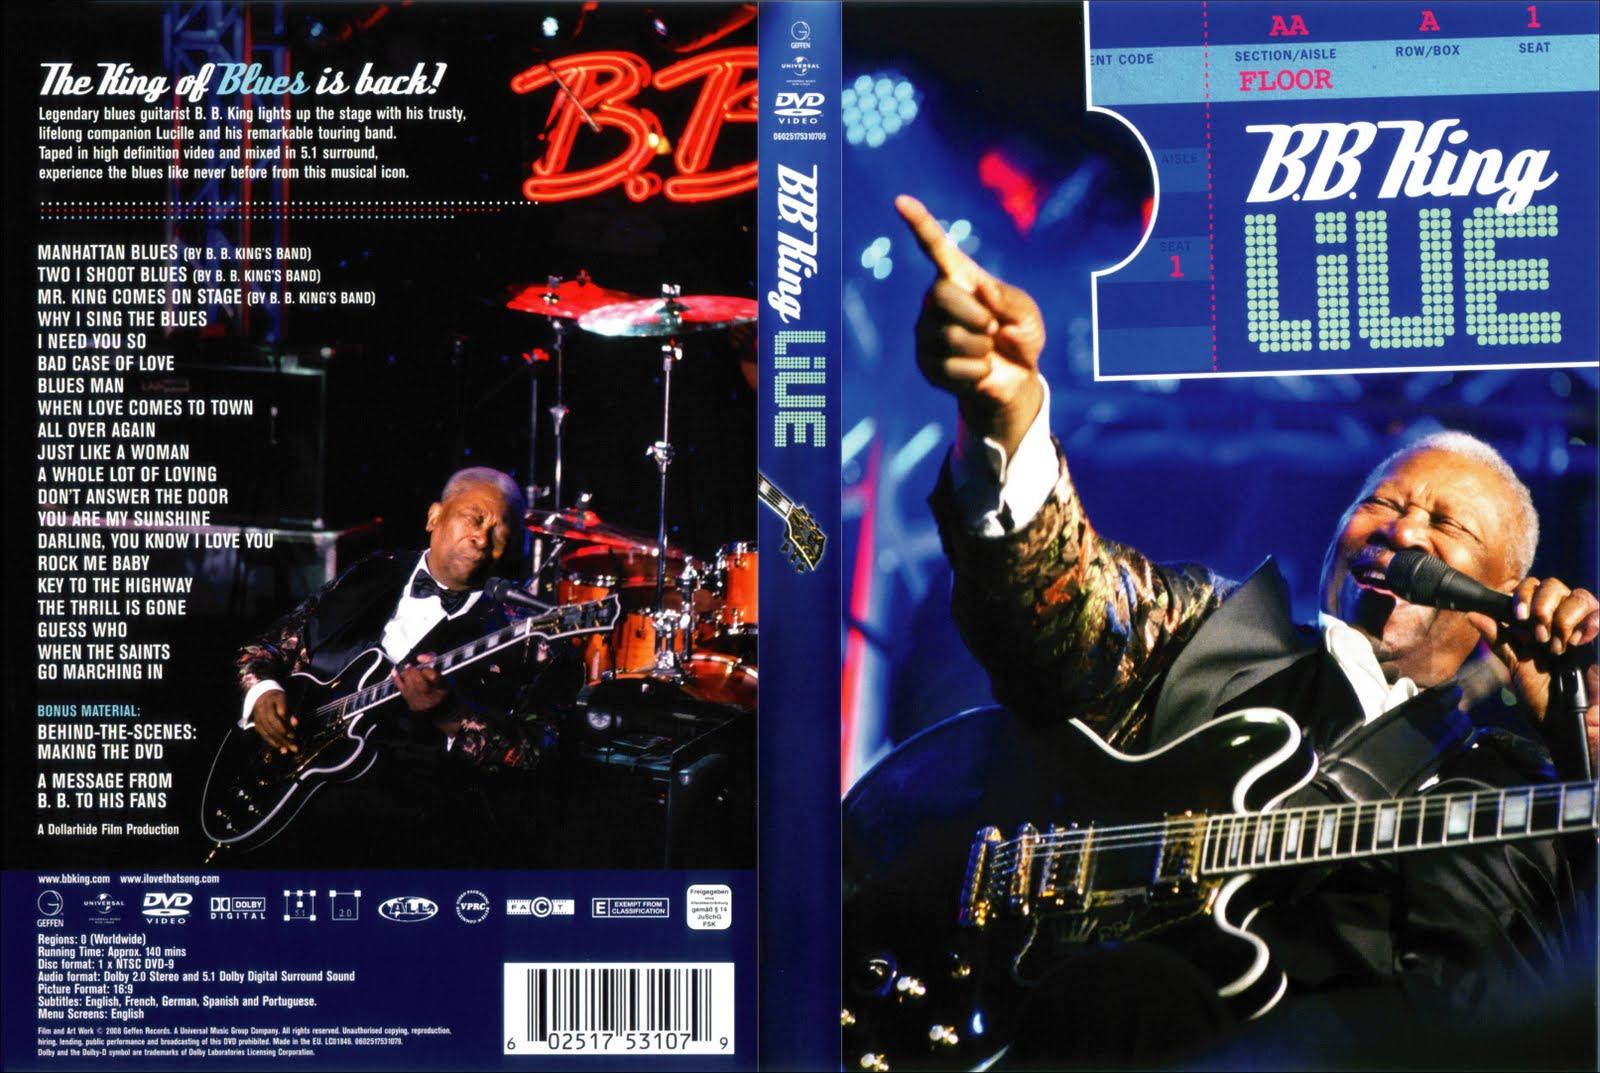 http://2.bp.blogspot.com/_se0zHB8H7oU/S_MEENyU5mI/AAAAAAAACbQ/T9xj1rmEDyQ/s1600/B.B.+King+-+Live+-+Cover.jpg